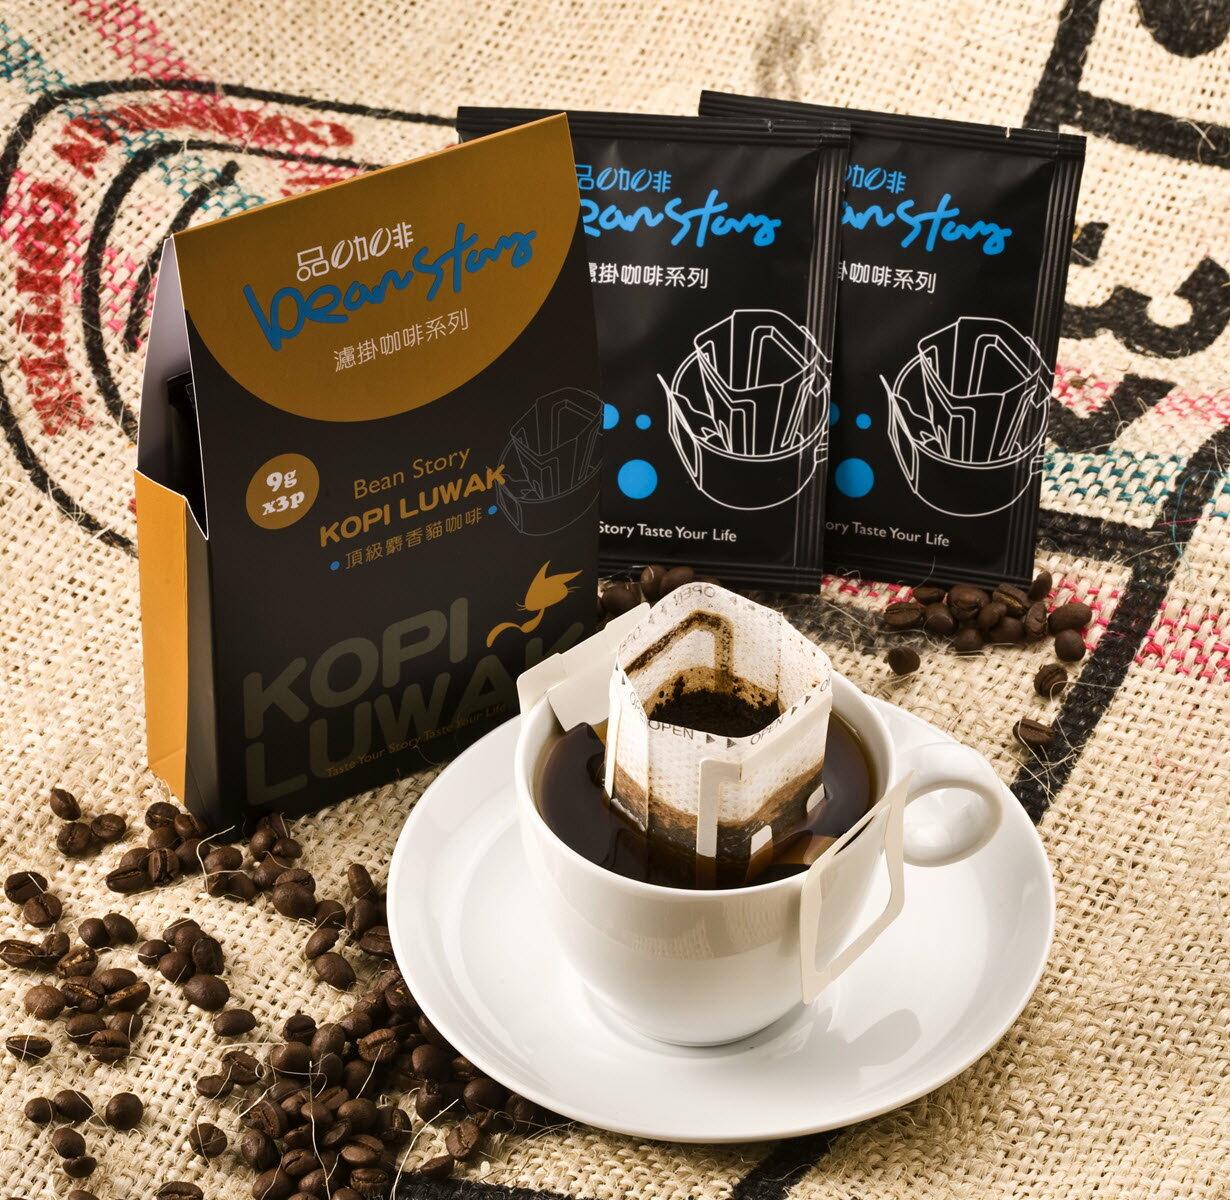 【熱銷優惠 買一送一】《品咖啡BeanStory》頂級麝香貓濾掛式咖啡(9公克 * 3包)